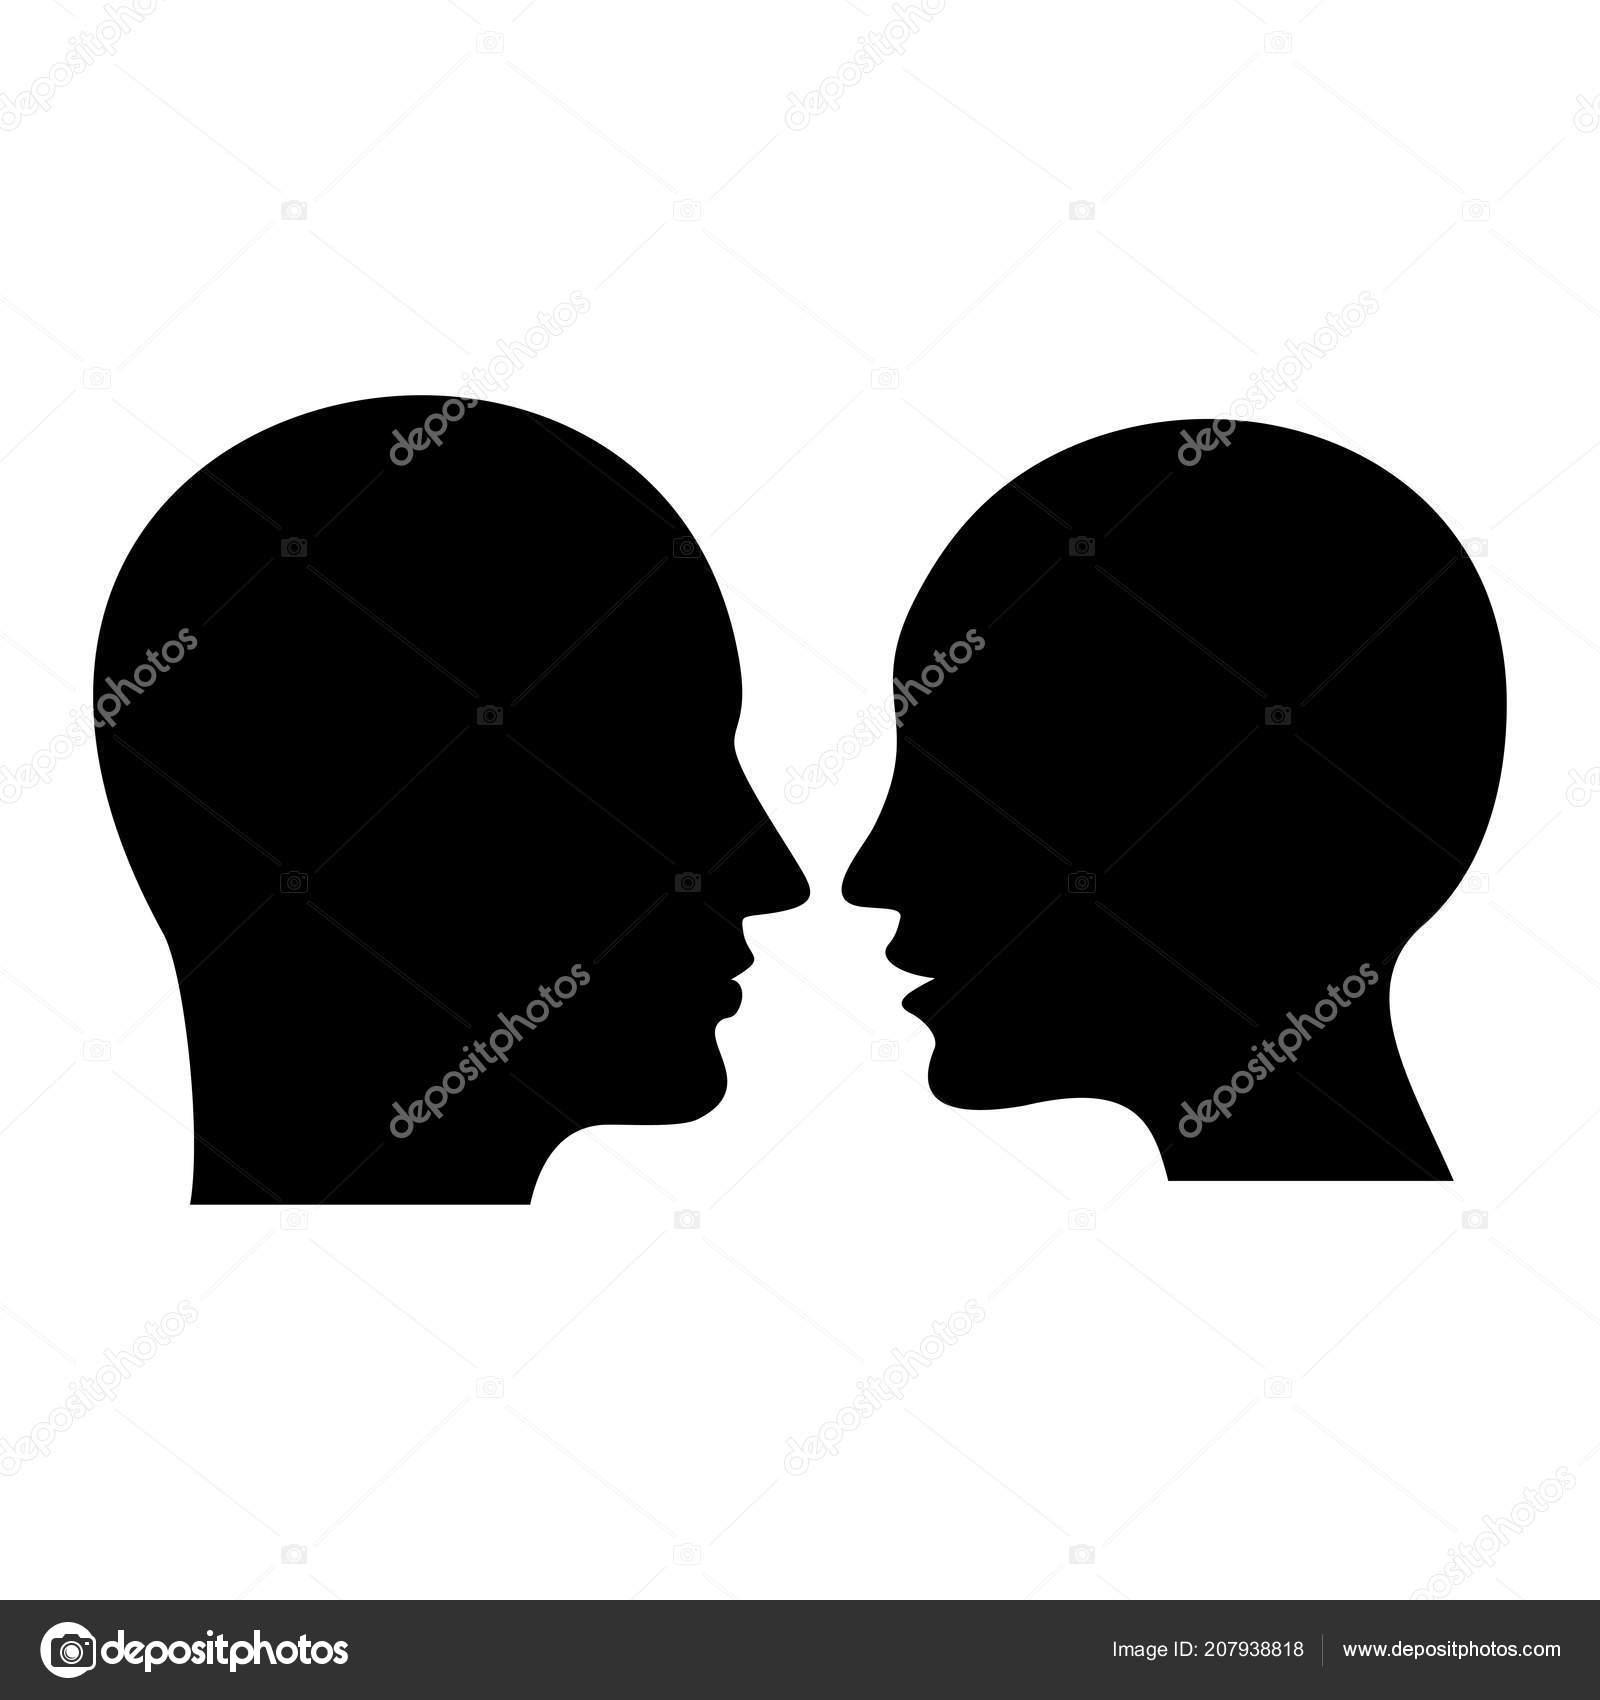 Profil Humain Silhouette Noire Tete Homme Femme Illustration Plat